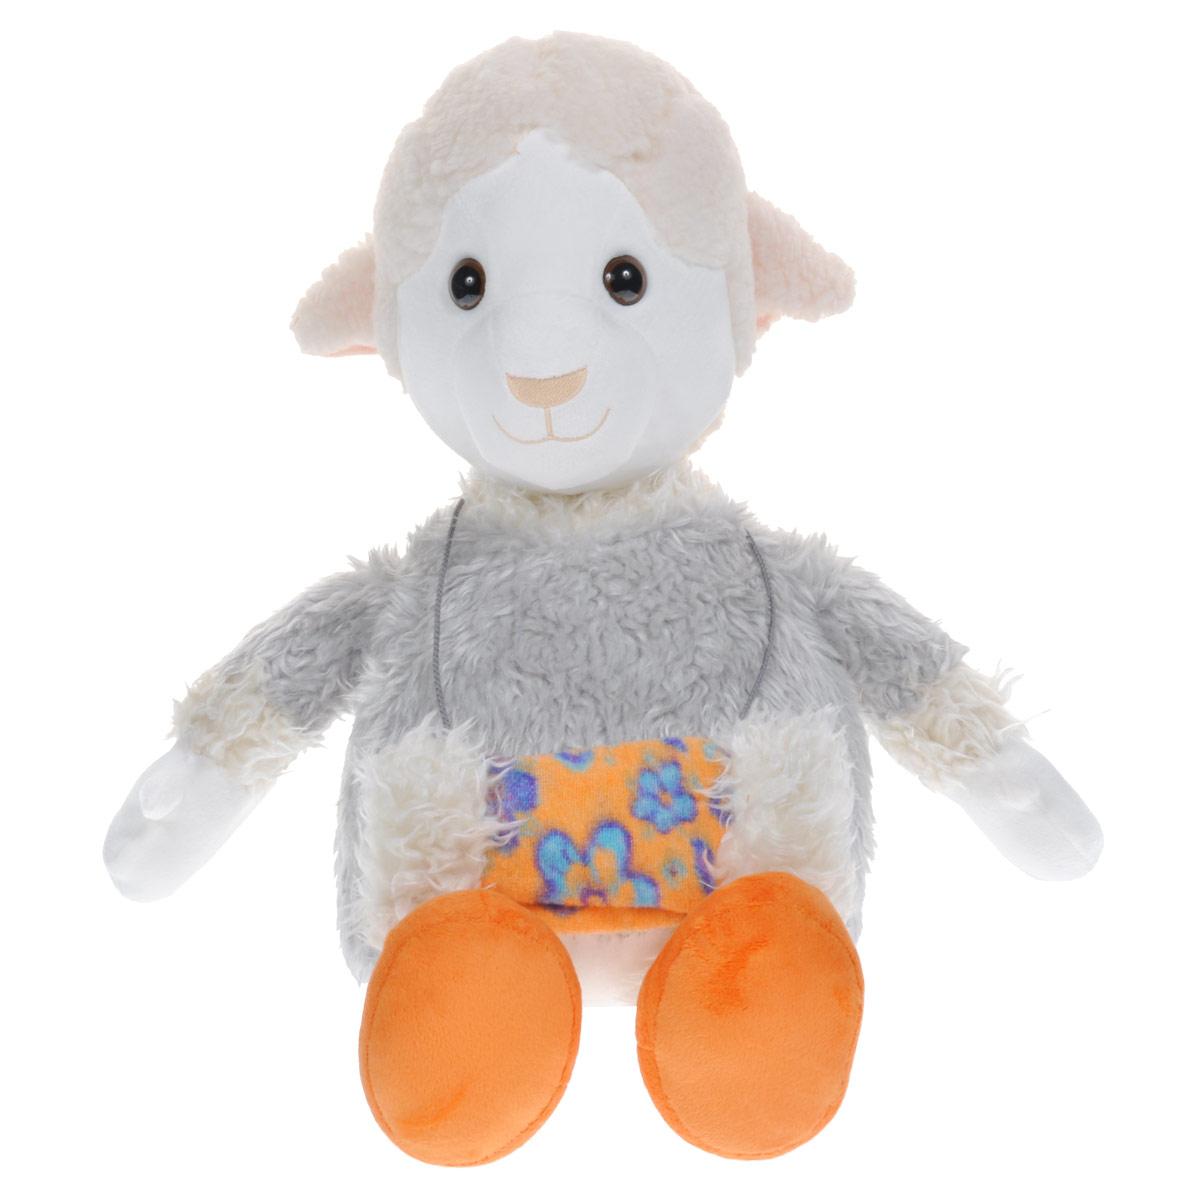 Мягкая игрушка Fancy Овечка Люси, 63 смOVYU2Мягкая игрушка Овечка Люси вызовет умиление и улыбку у каждого, кто ее увидит. Игрушка выполнена в виде милой овечки белого цвета, одетой в серую шубку. Оранжевые ботиночки на ногах и муфта на шее дополняют образ овечки. Игрушка изготовлена из мягкого, приятного на ощупь искусственного меха и текстиля с наполнителем из гипоаллергенного полиэфирного волокна. Удивительно мягкая игрушка принесет радость и подарит своему обладателю мгновения нежных объятий и приятных воспоминаний. Великолепное качество исполнения делают эту игрушку чудесным подарком к любому празднику.